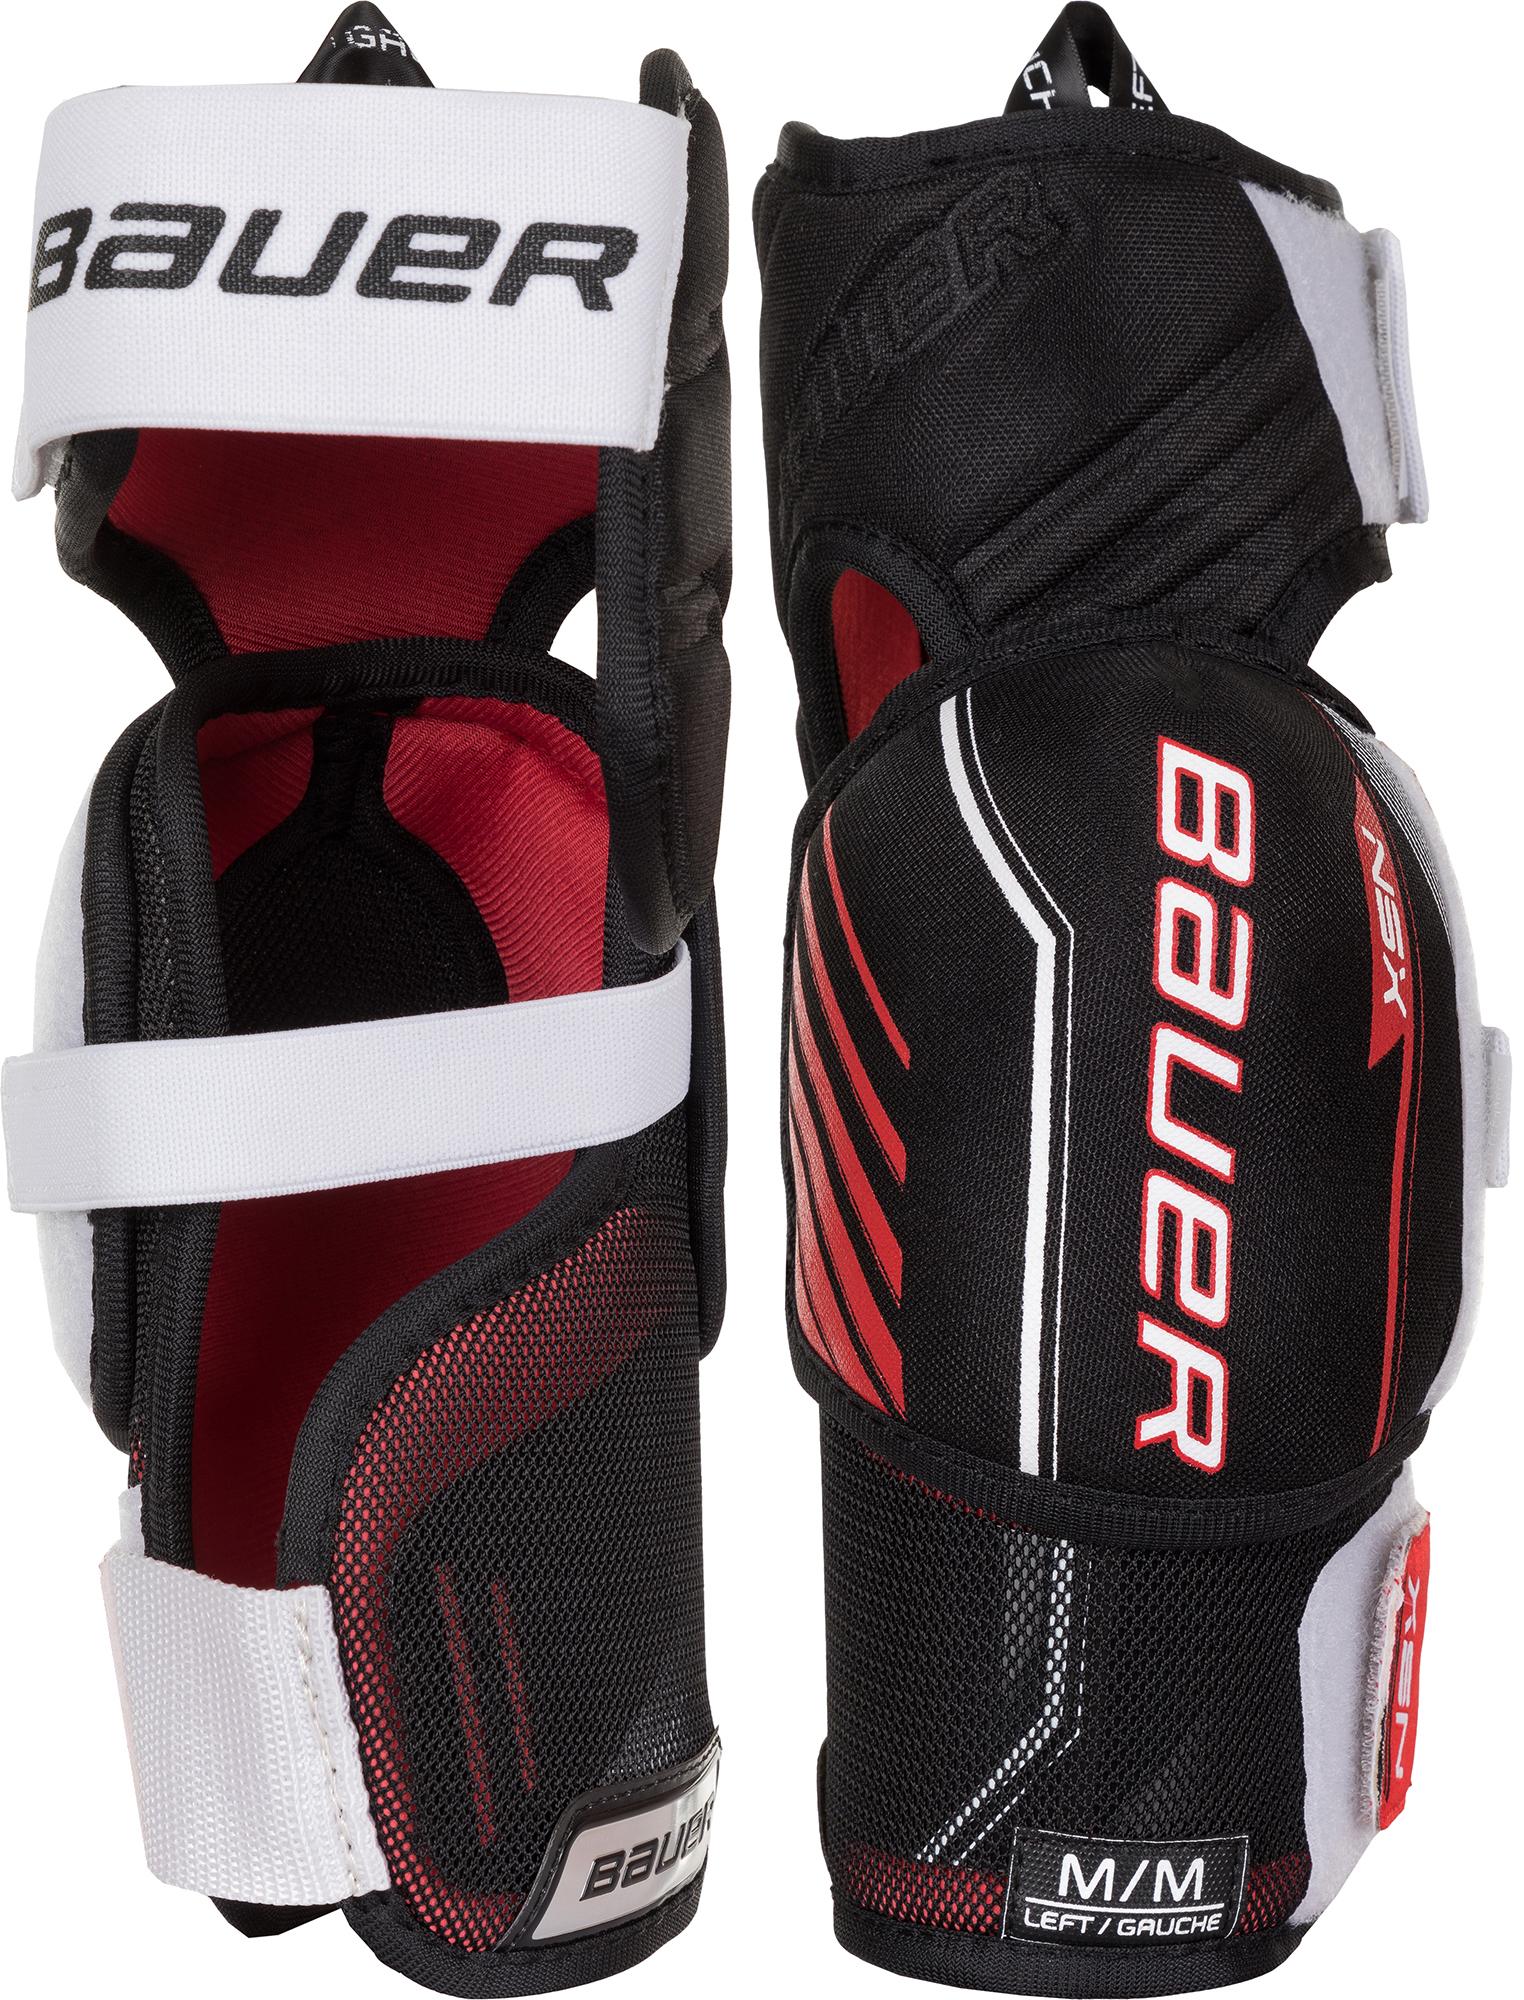 Bauer Налокотники хоккейные Bauer NSX, размер 50-52 стоимость